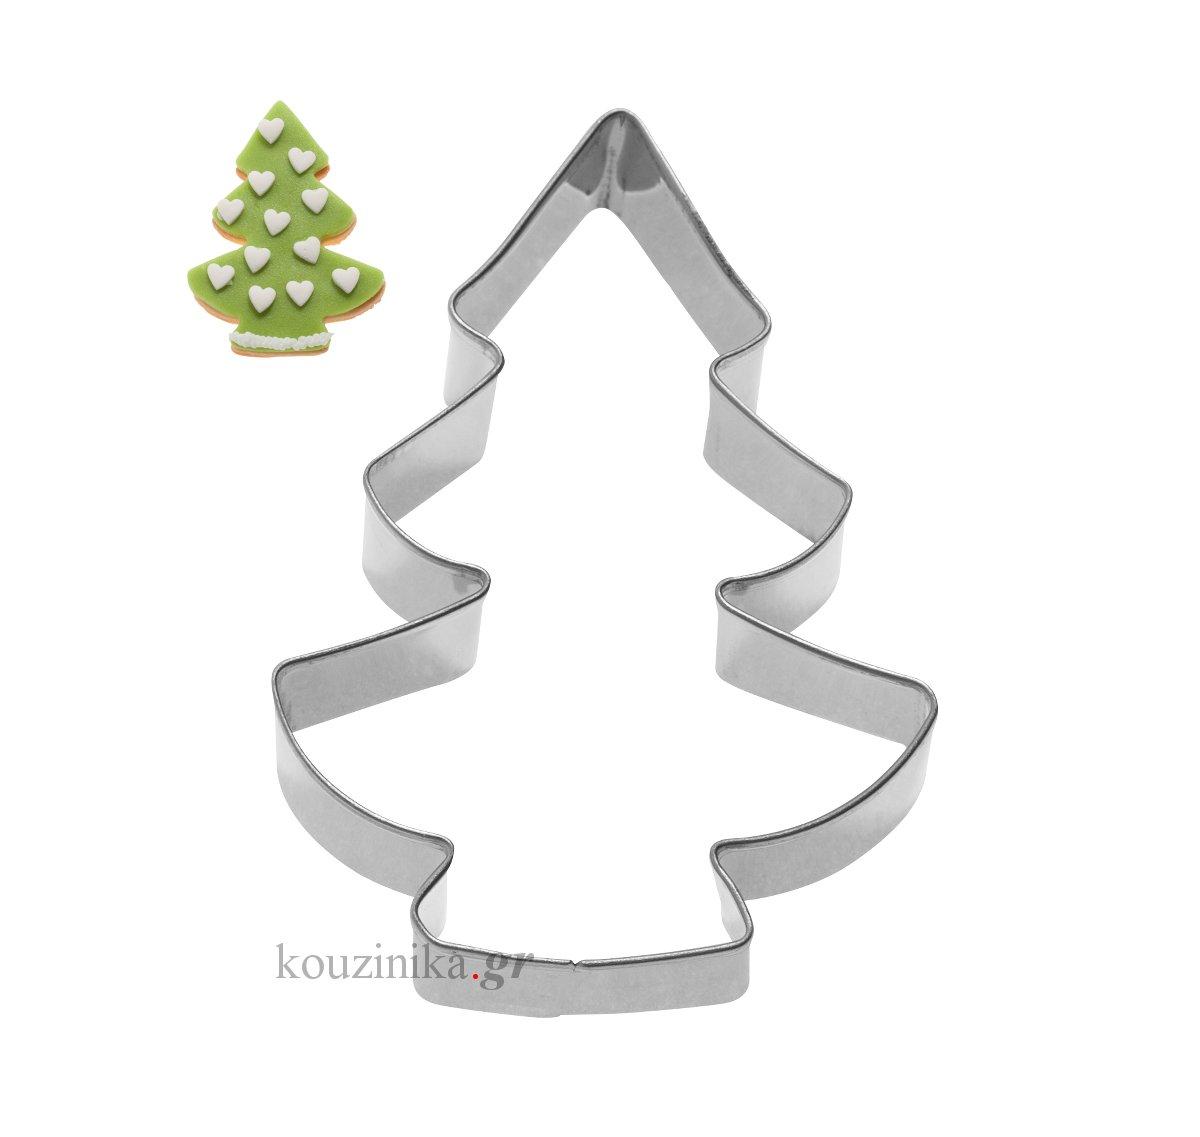 Κουπάτ ανοξείδωτο χριστουγεννιάτικο δέντρο μικρό